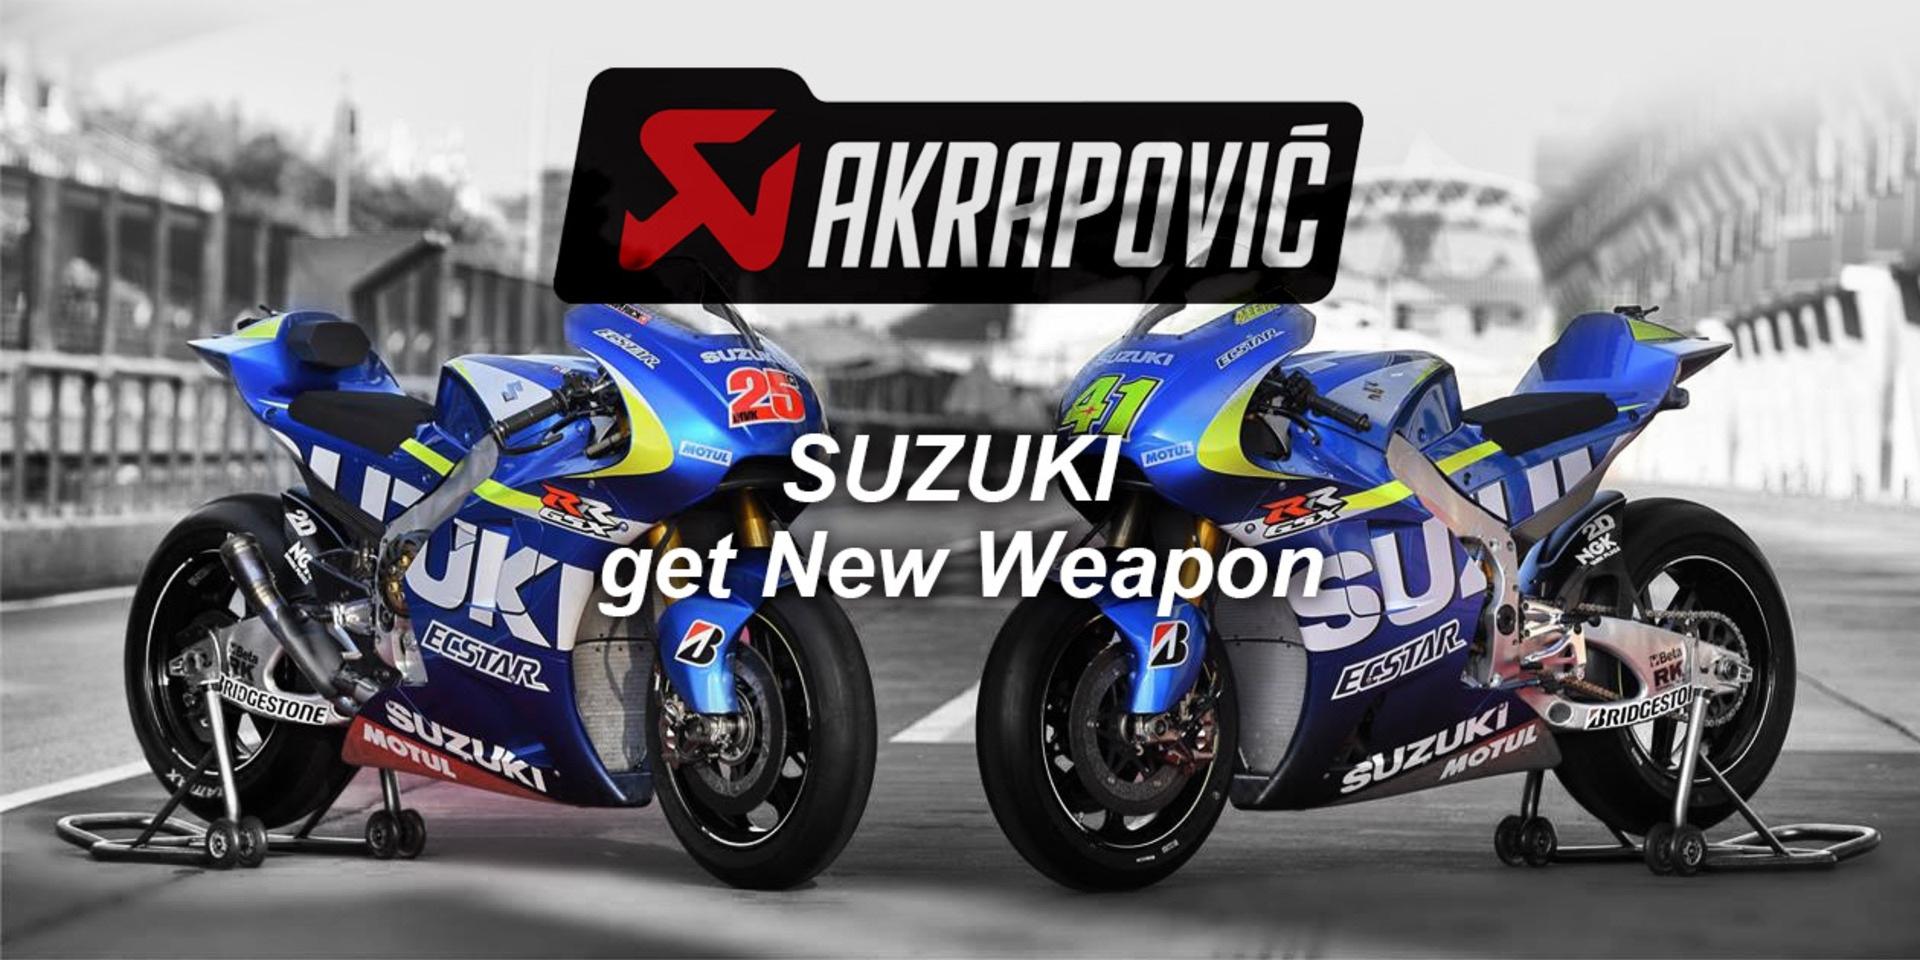 新兵器加入-AKRAPOVIC & SUZUKI MotoGP組合美國印城站登場